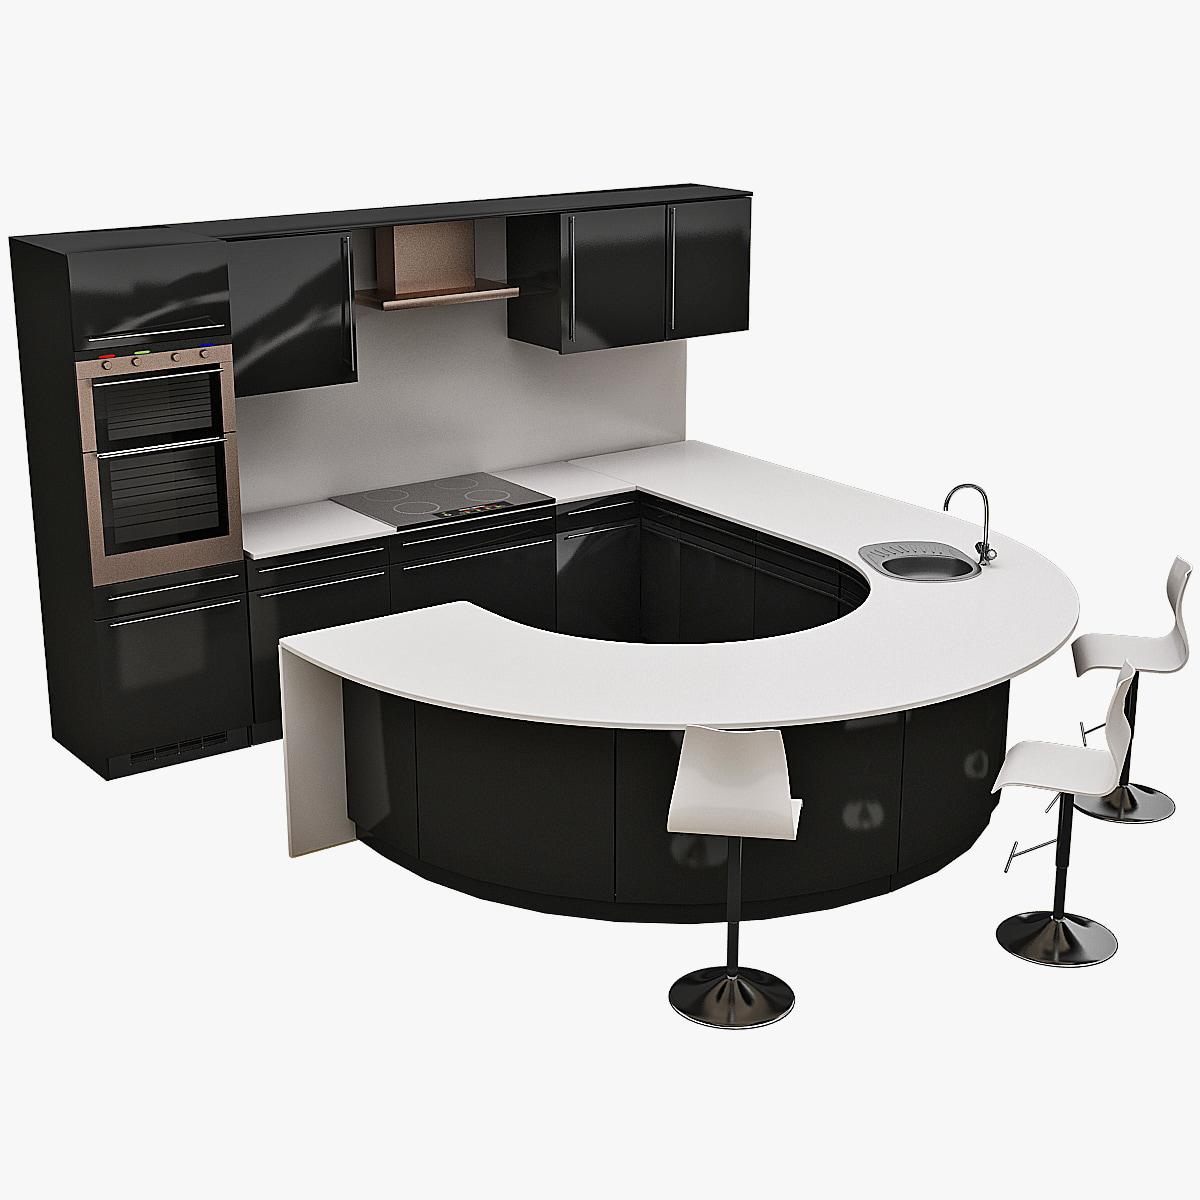 Kitchen_V16_000.jpg